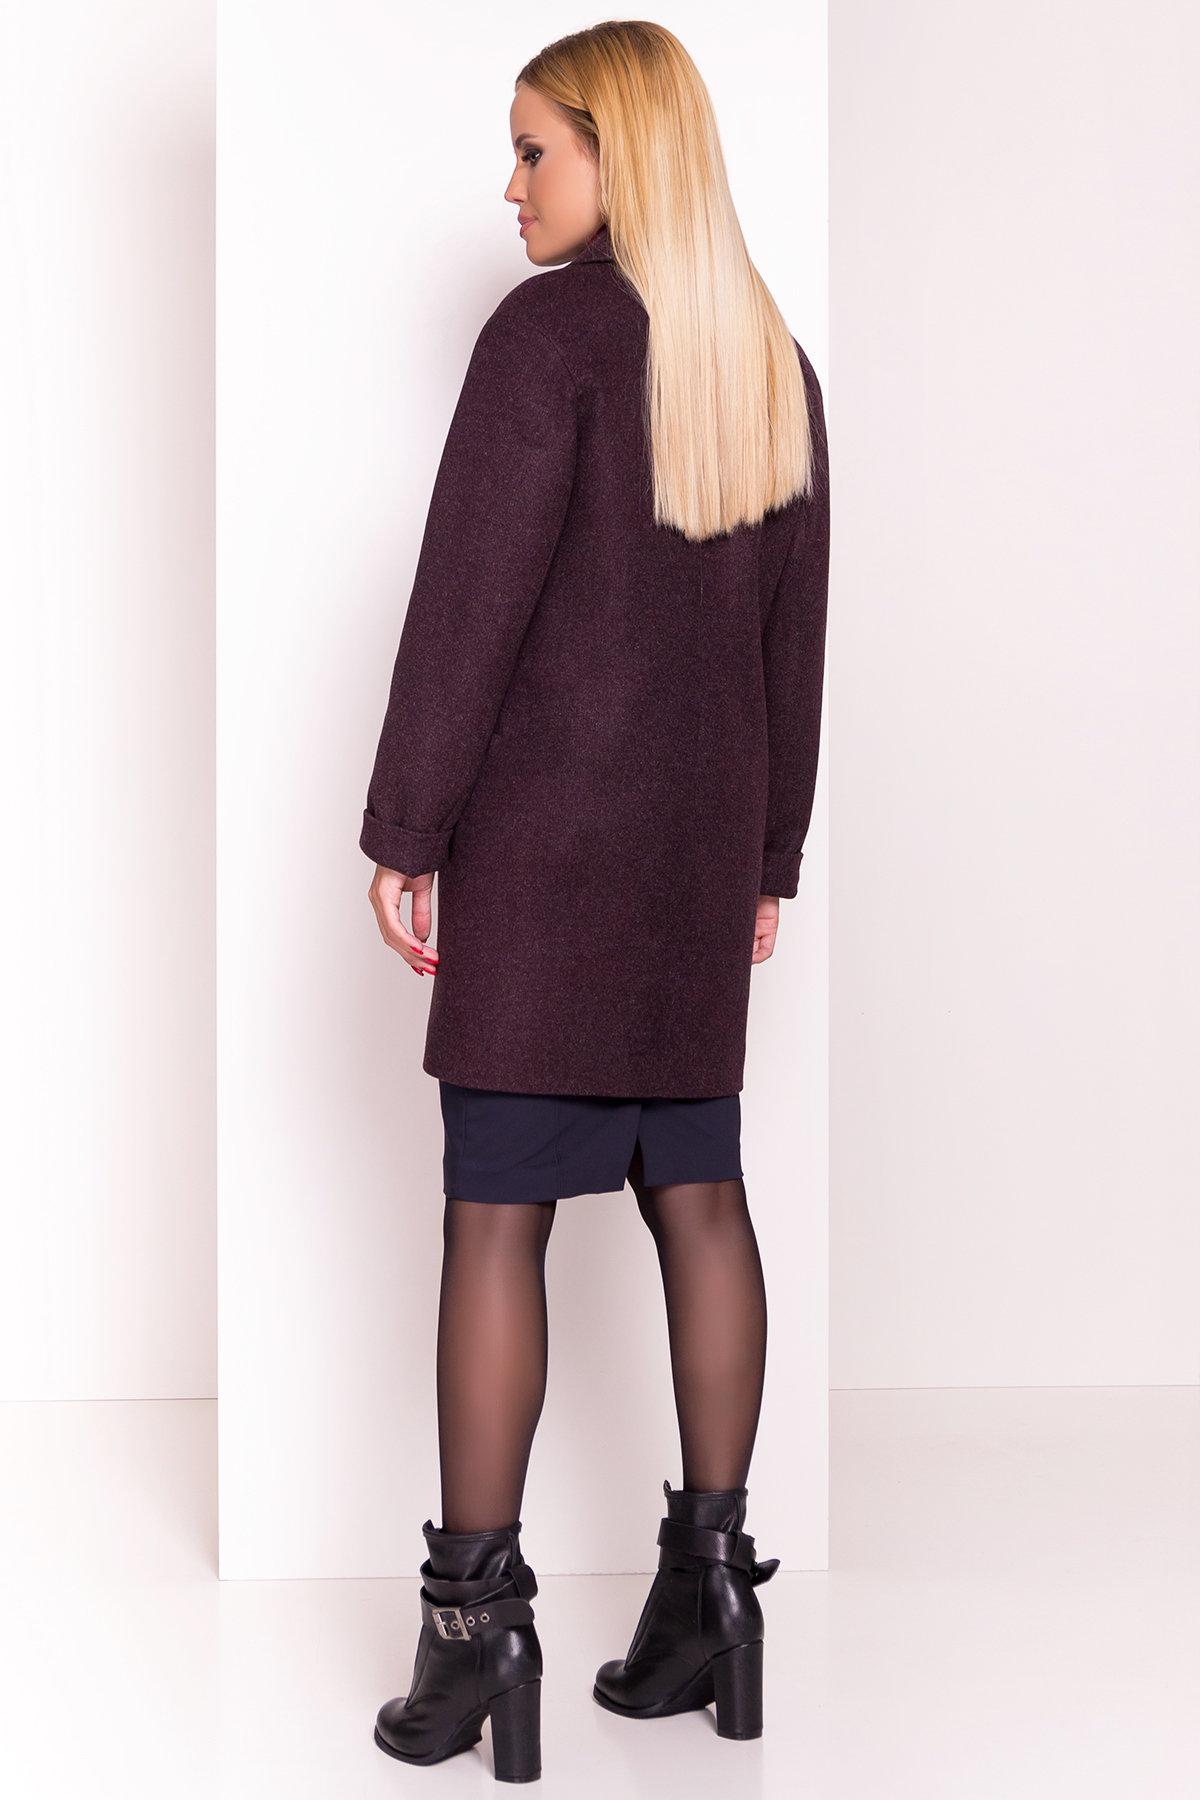 Демисезонное пальто Вива 4558 АРТ. 37265 Цвет: Марсала - фото 4, интернет магазин tm-modus.ru